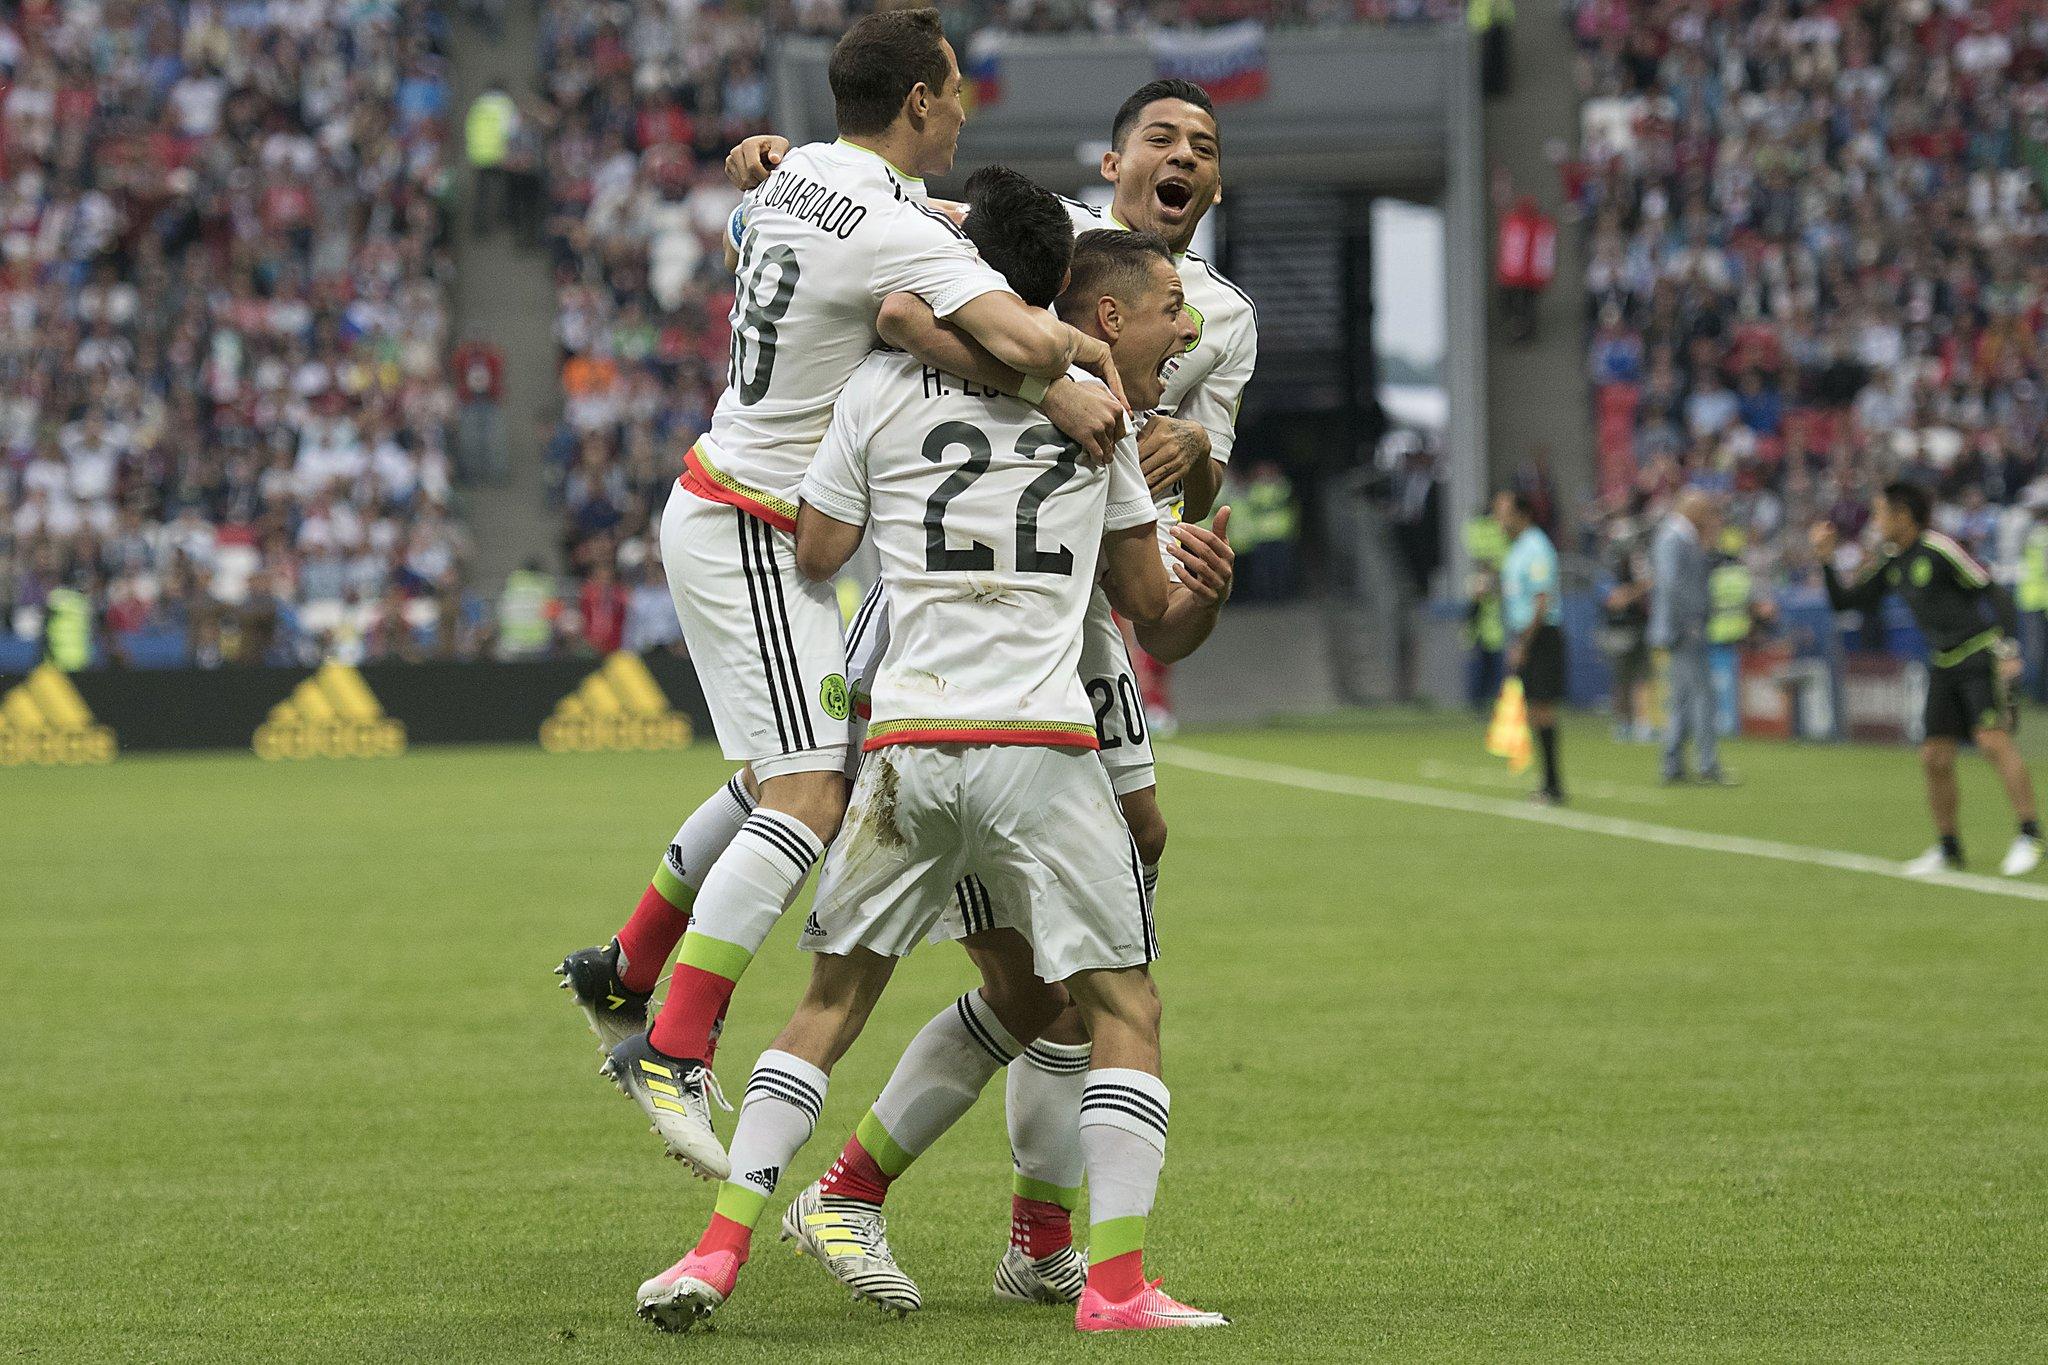 México vence a Rusia y avanza a Semifinales de Copa Confederaciones